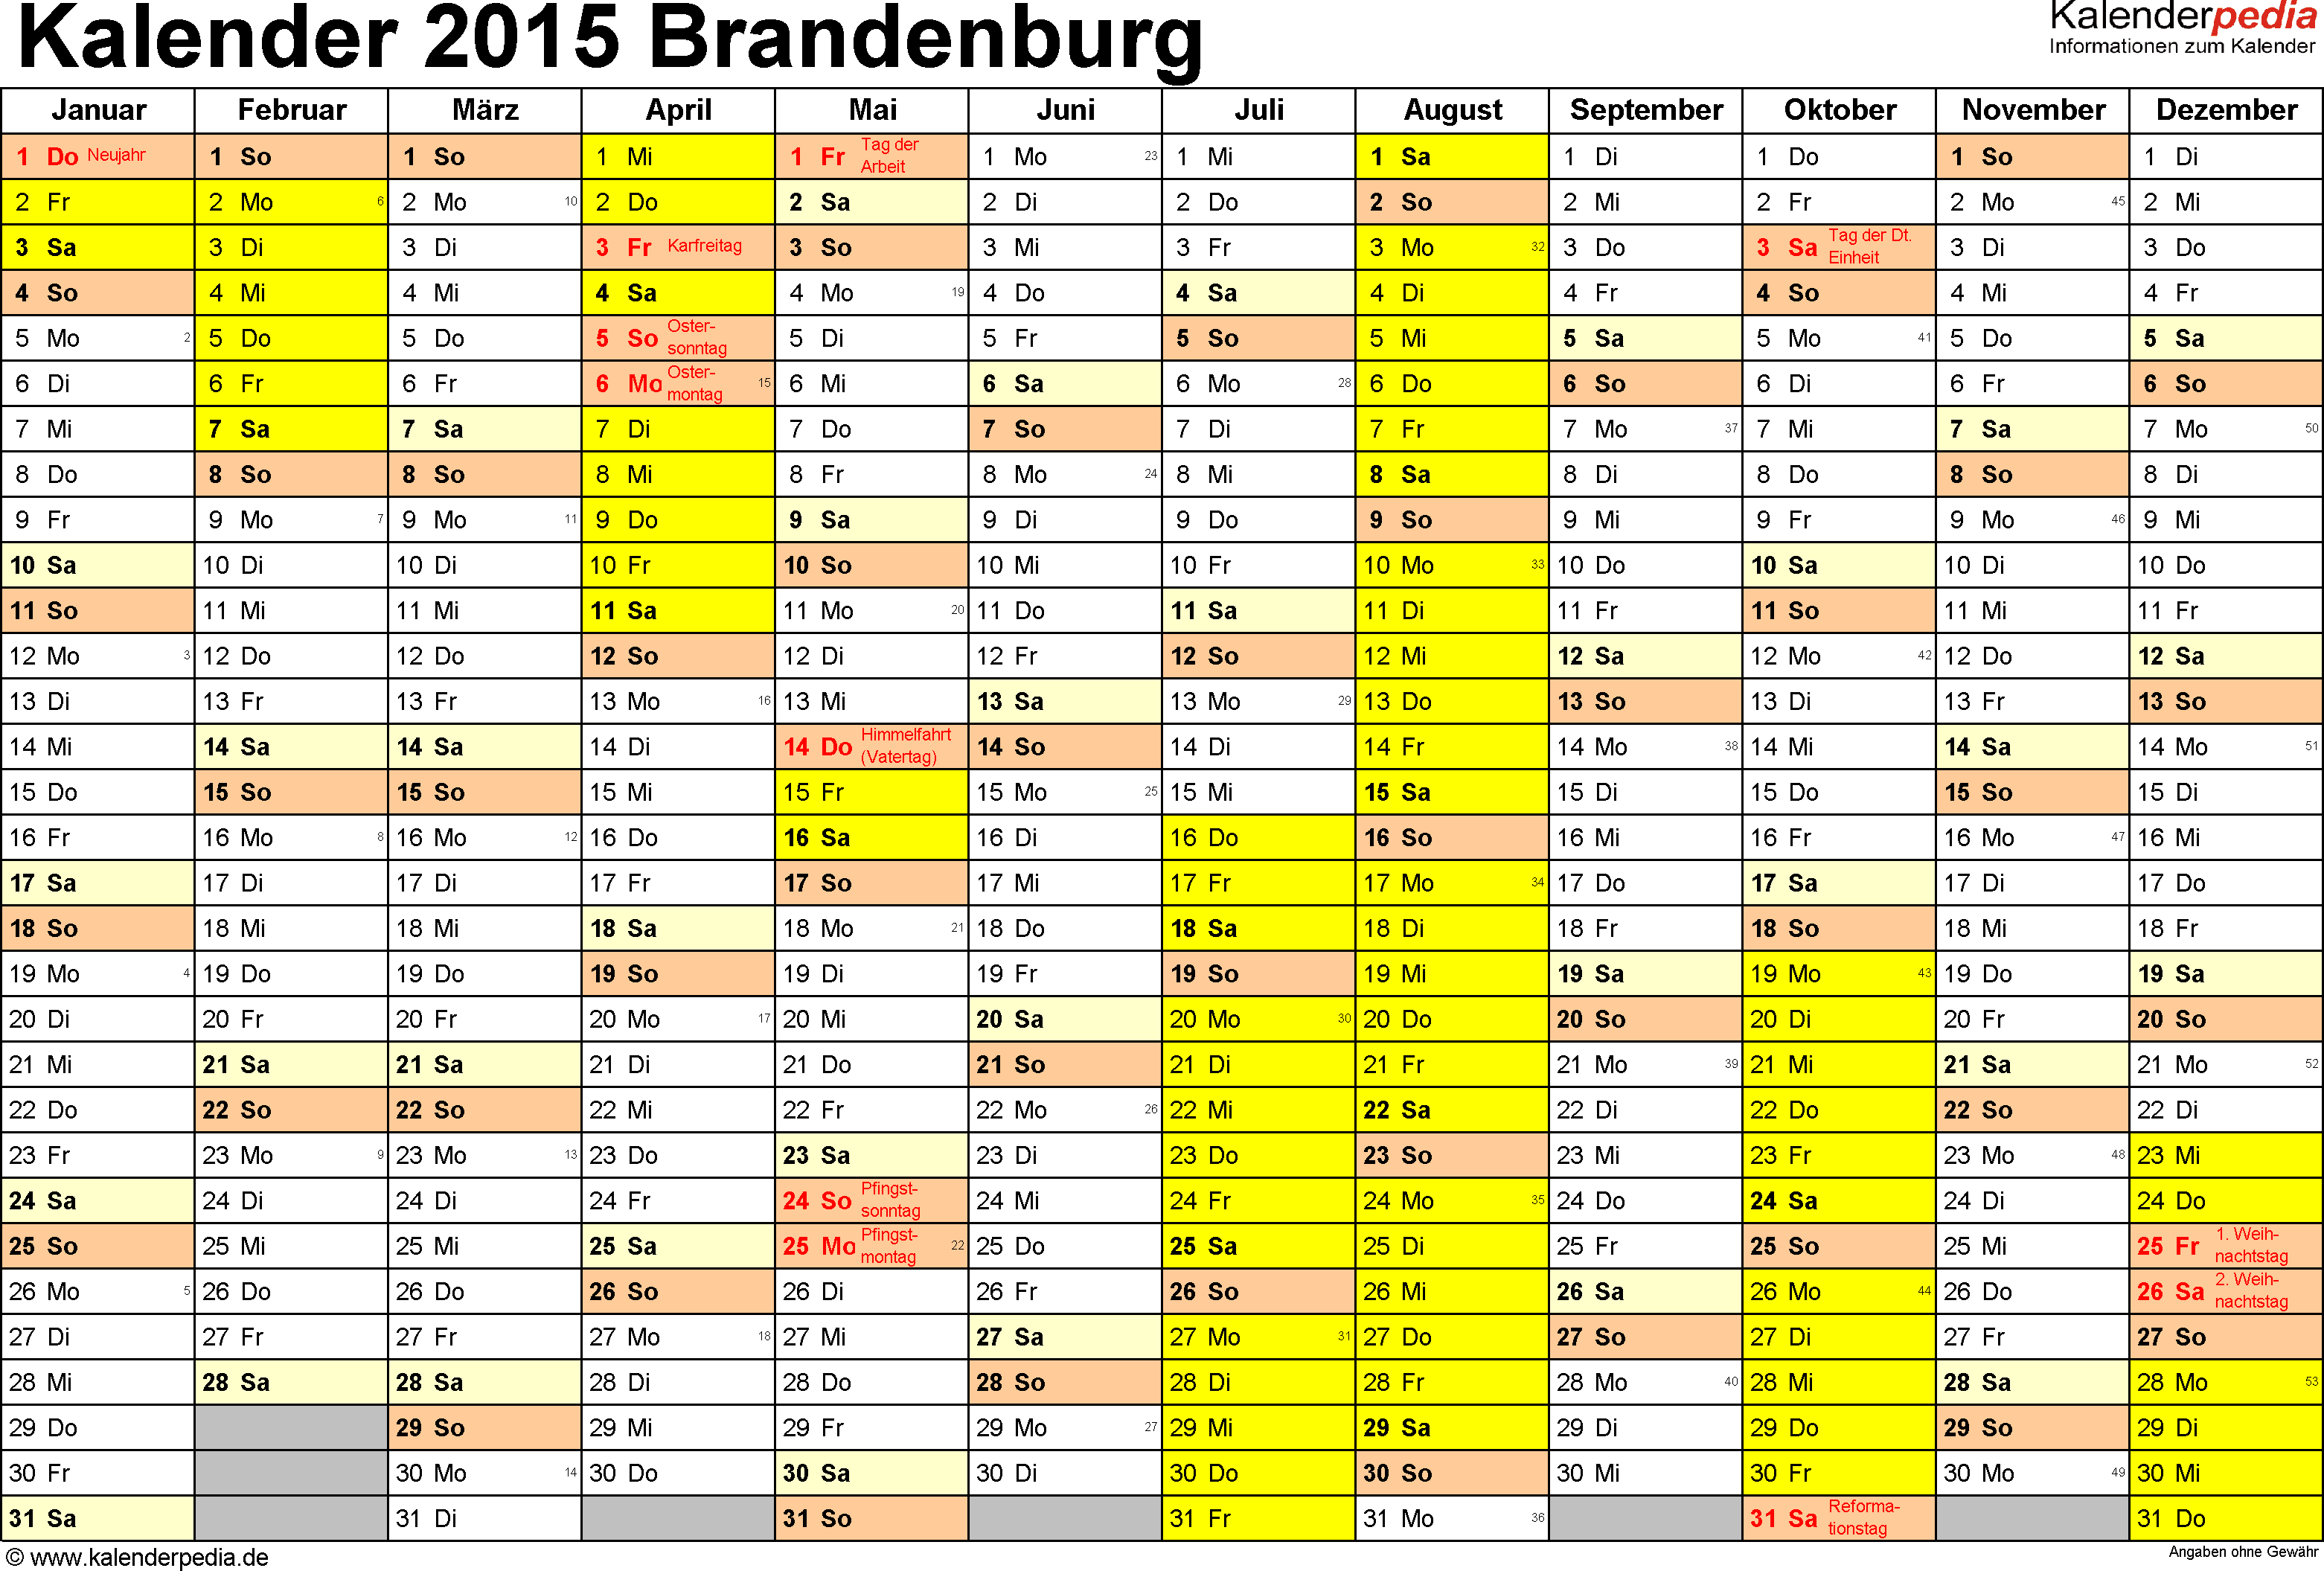 Vorlage 1: Kalender 2015 für Brandenburg als Word-Vorlage (Querformat, 1 Seite)